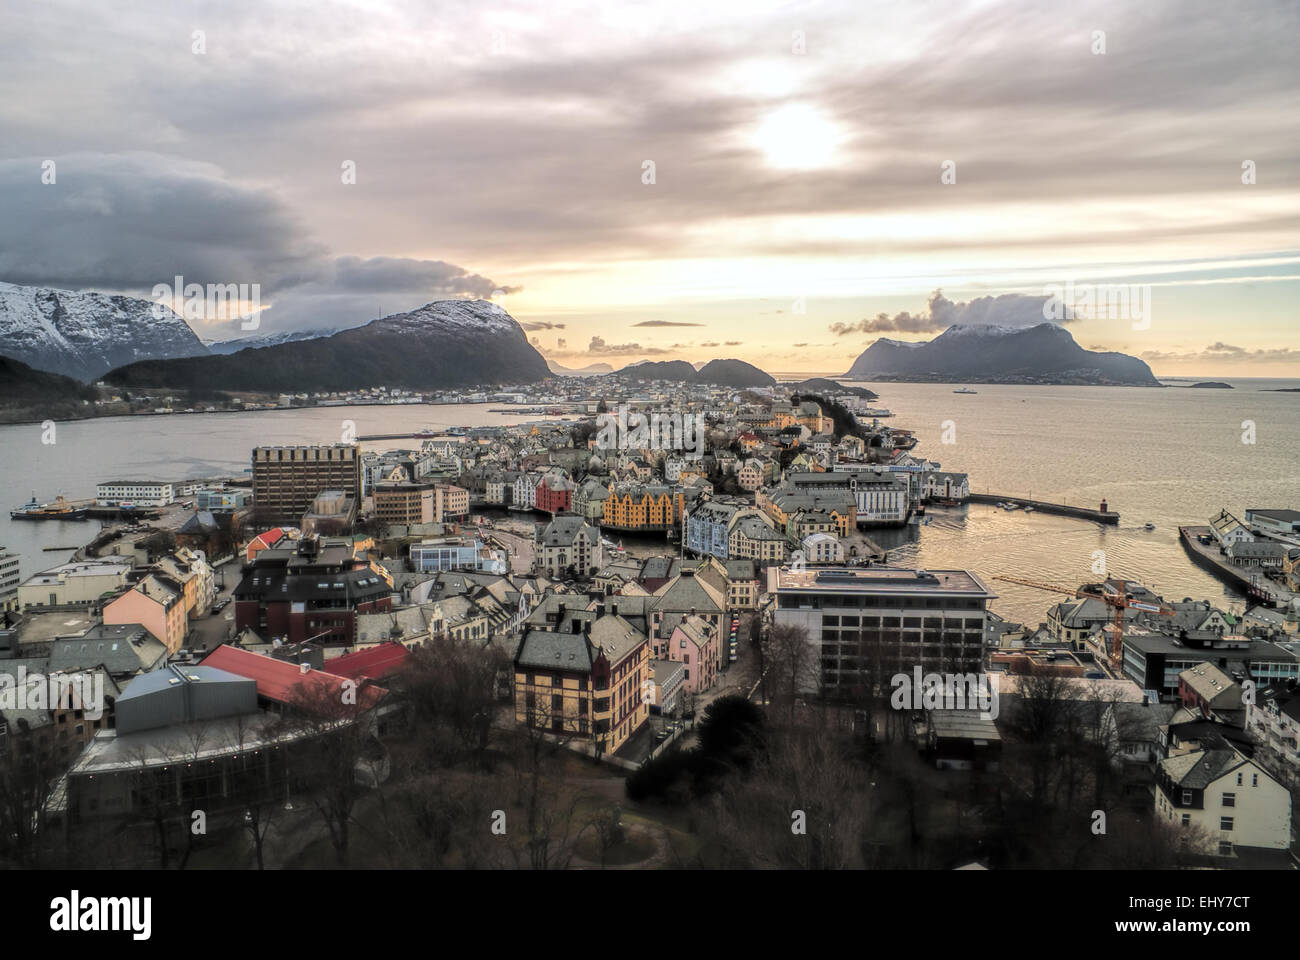 Vista mozzafiato della città norvegese di Alesund al tramonto Immagini Stock